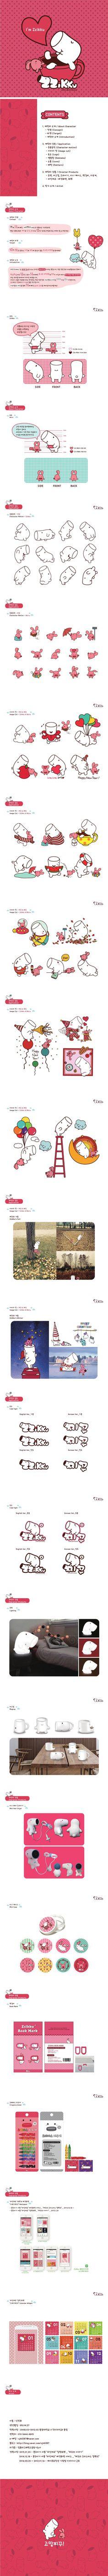 아카데미정글의 '디지털 캐릭터 일러스트레이터 아카데미 '과정(dcia)의 20기 수강생인 신정희 씨의 찌꾸 캐릭터 컨셉북입니다.